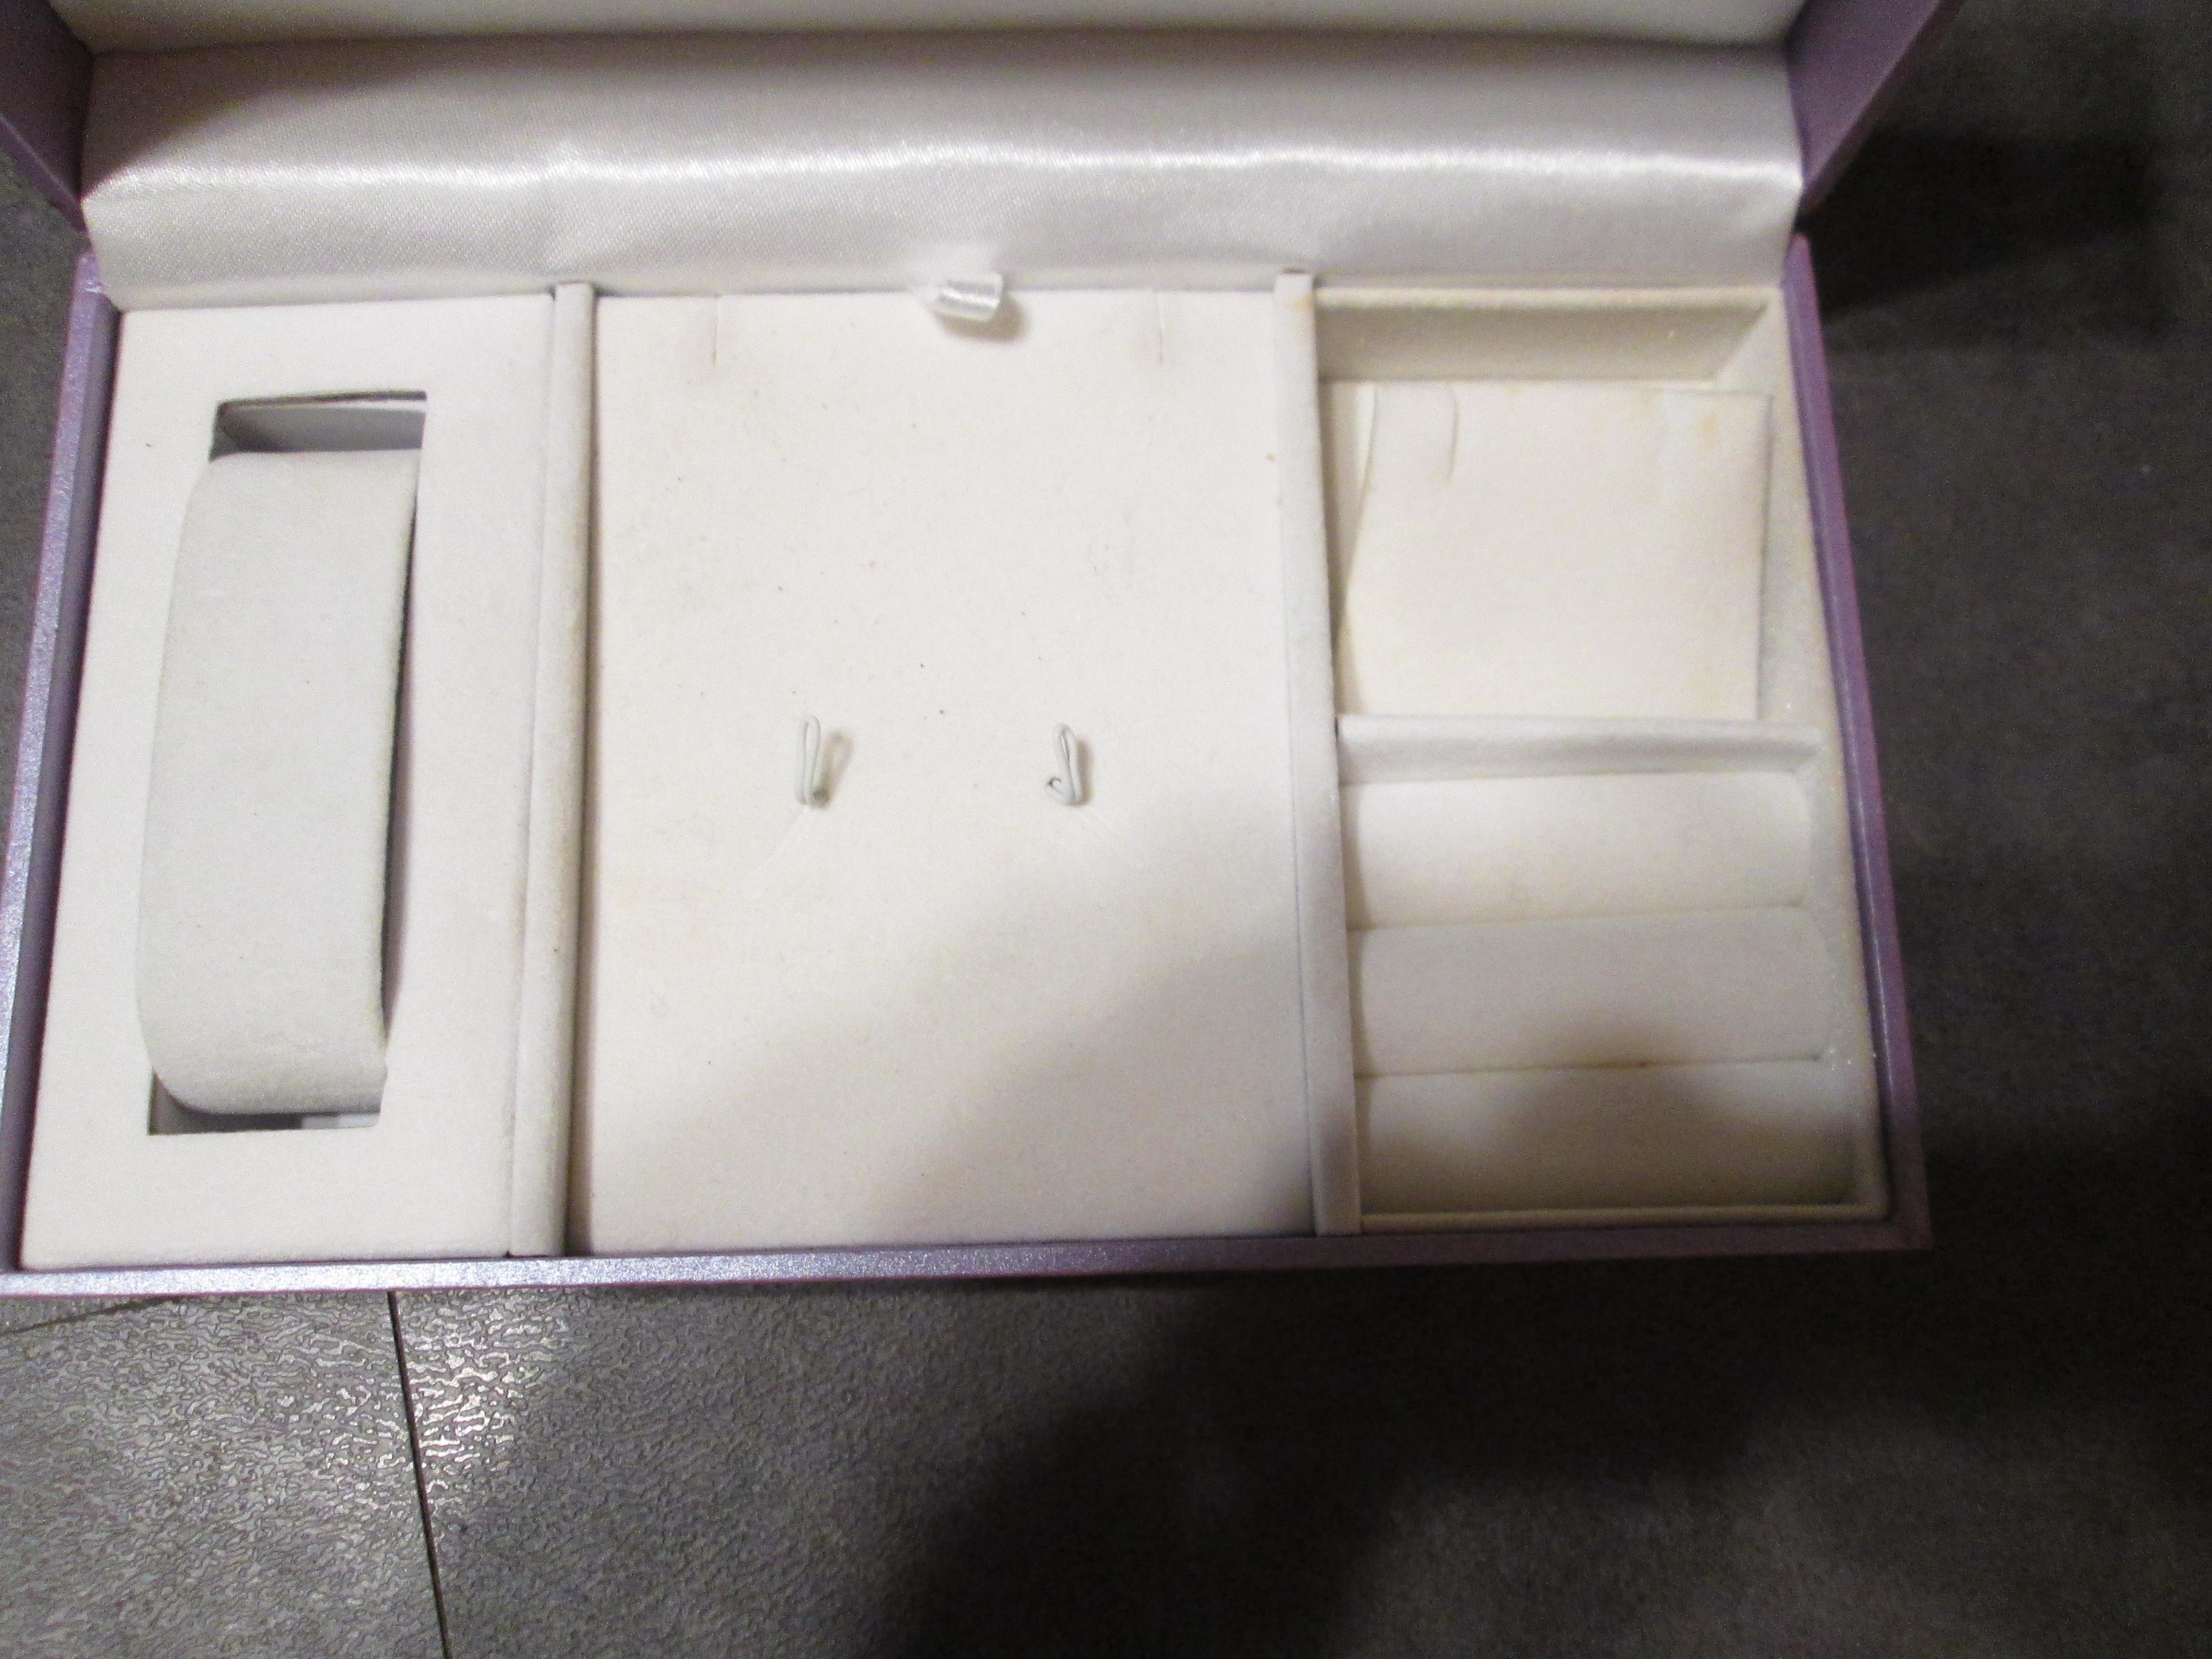 troc de troc reserve   boite a bijoux vide un peu griffé sur le bord pour collection image 1